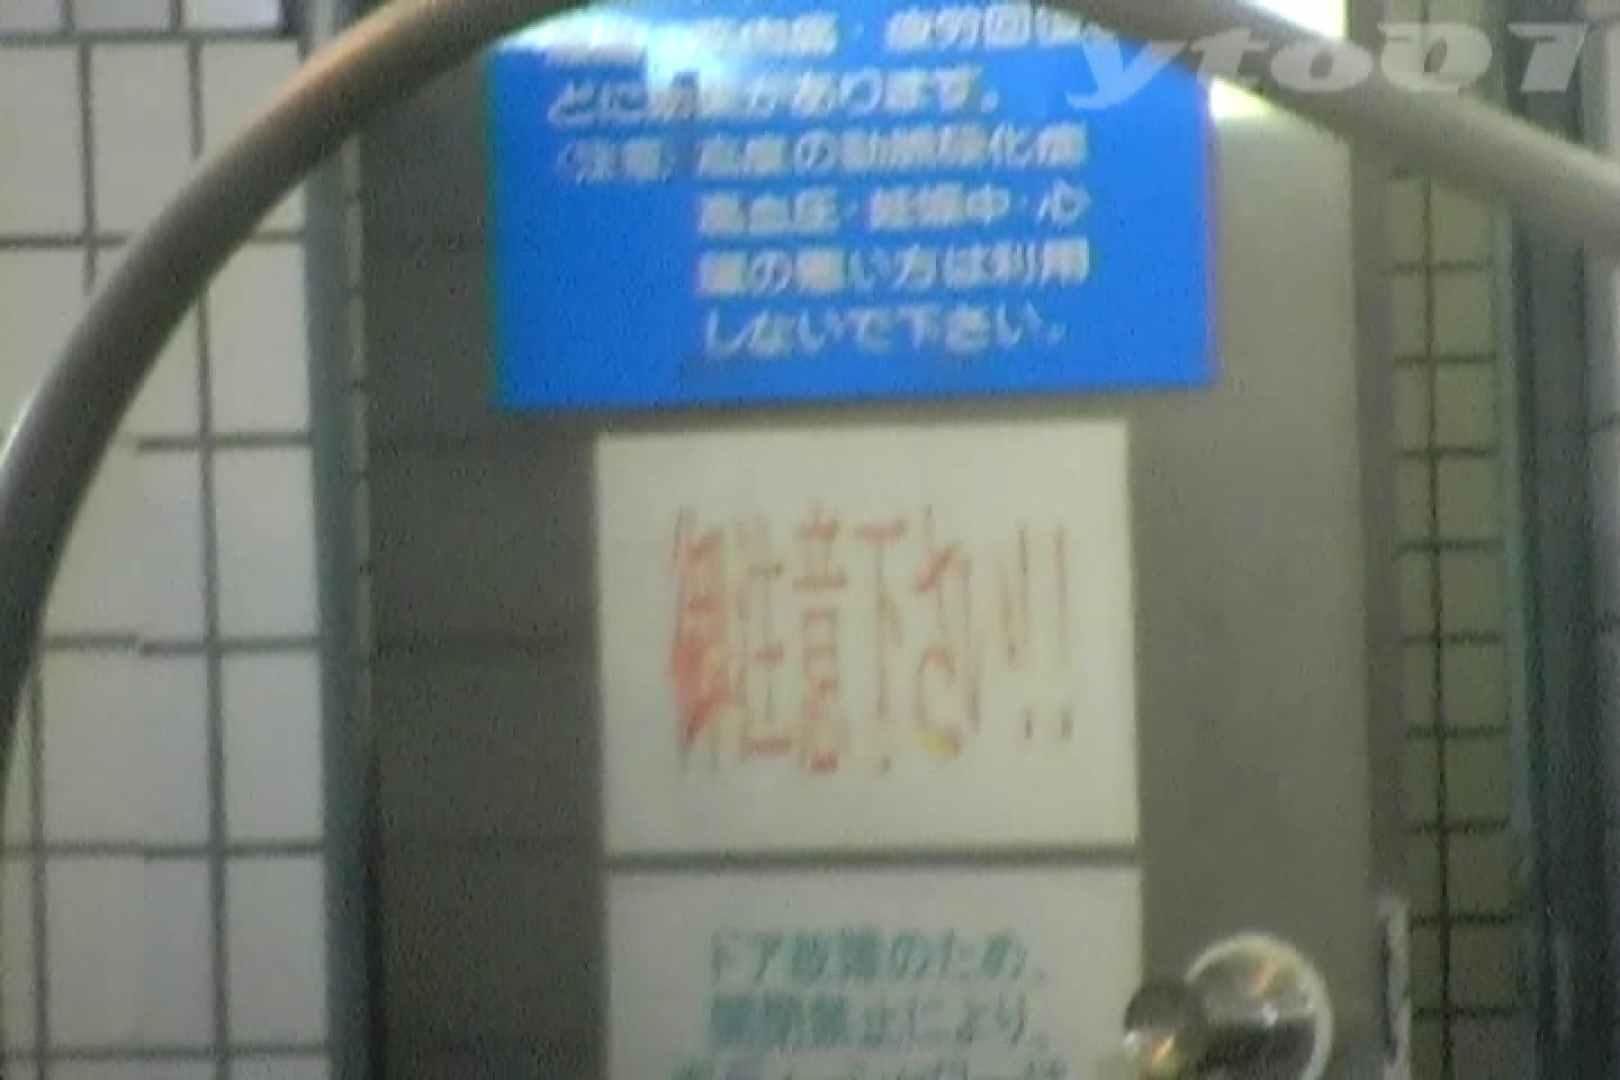 ▲復活限定▲合宿ホテル女風呂盗撮 Vol.05 合宿中の女子 のぞき動画画像 78PIX 69